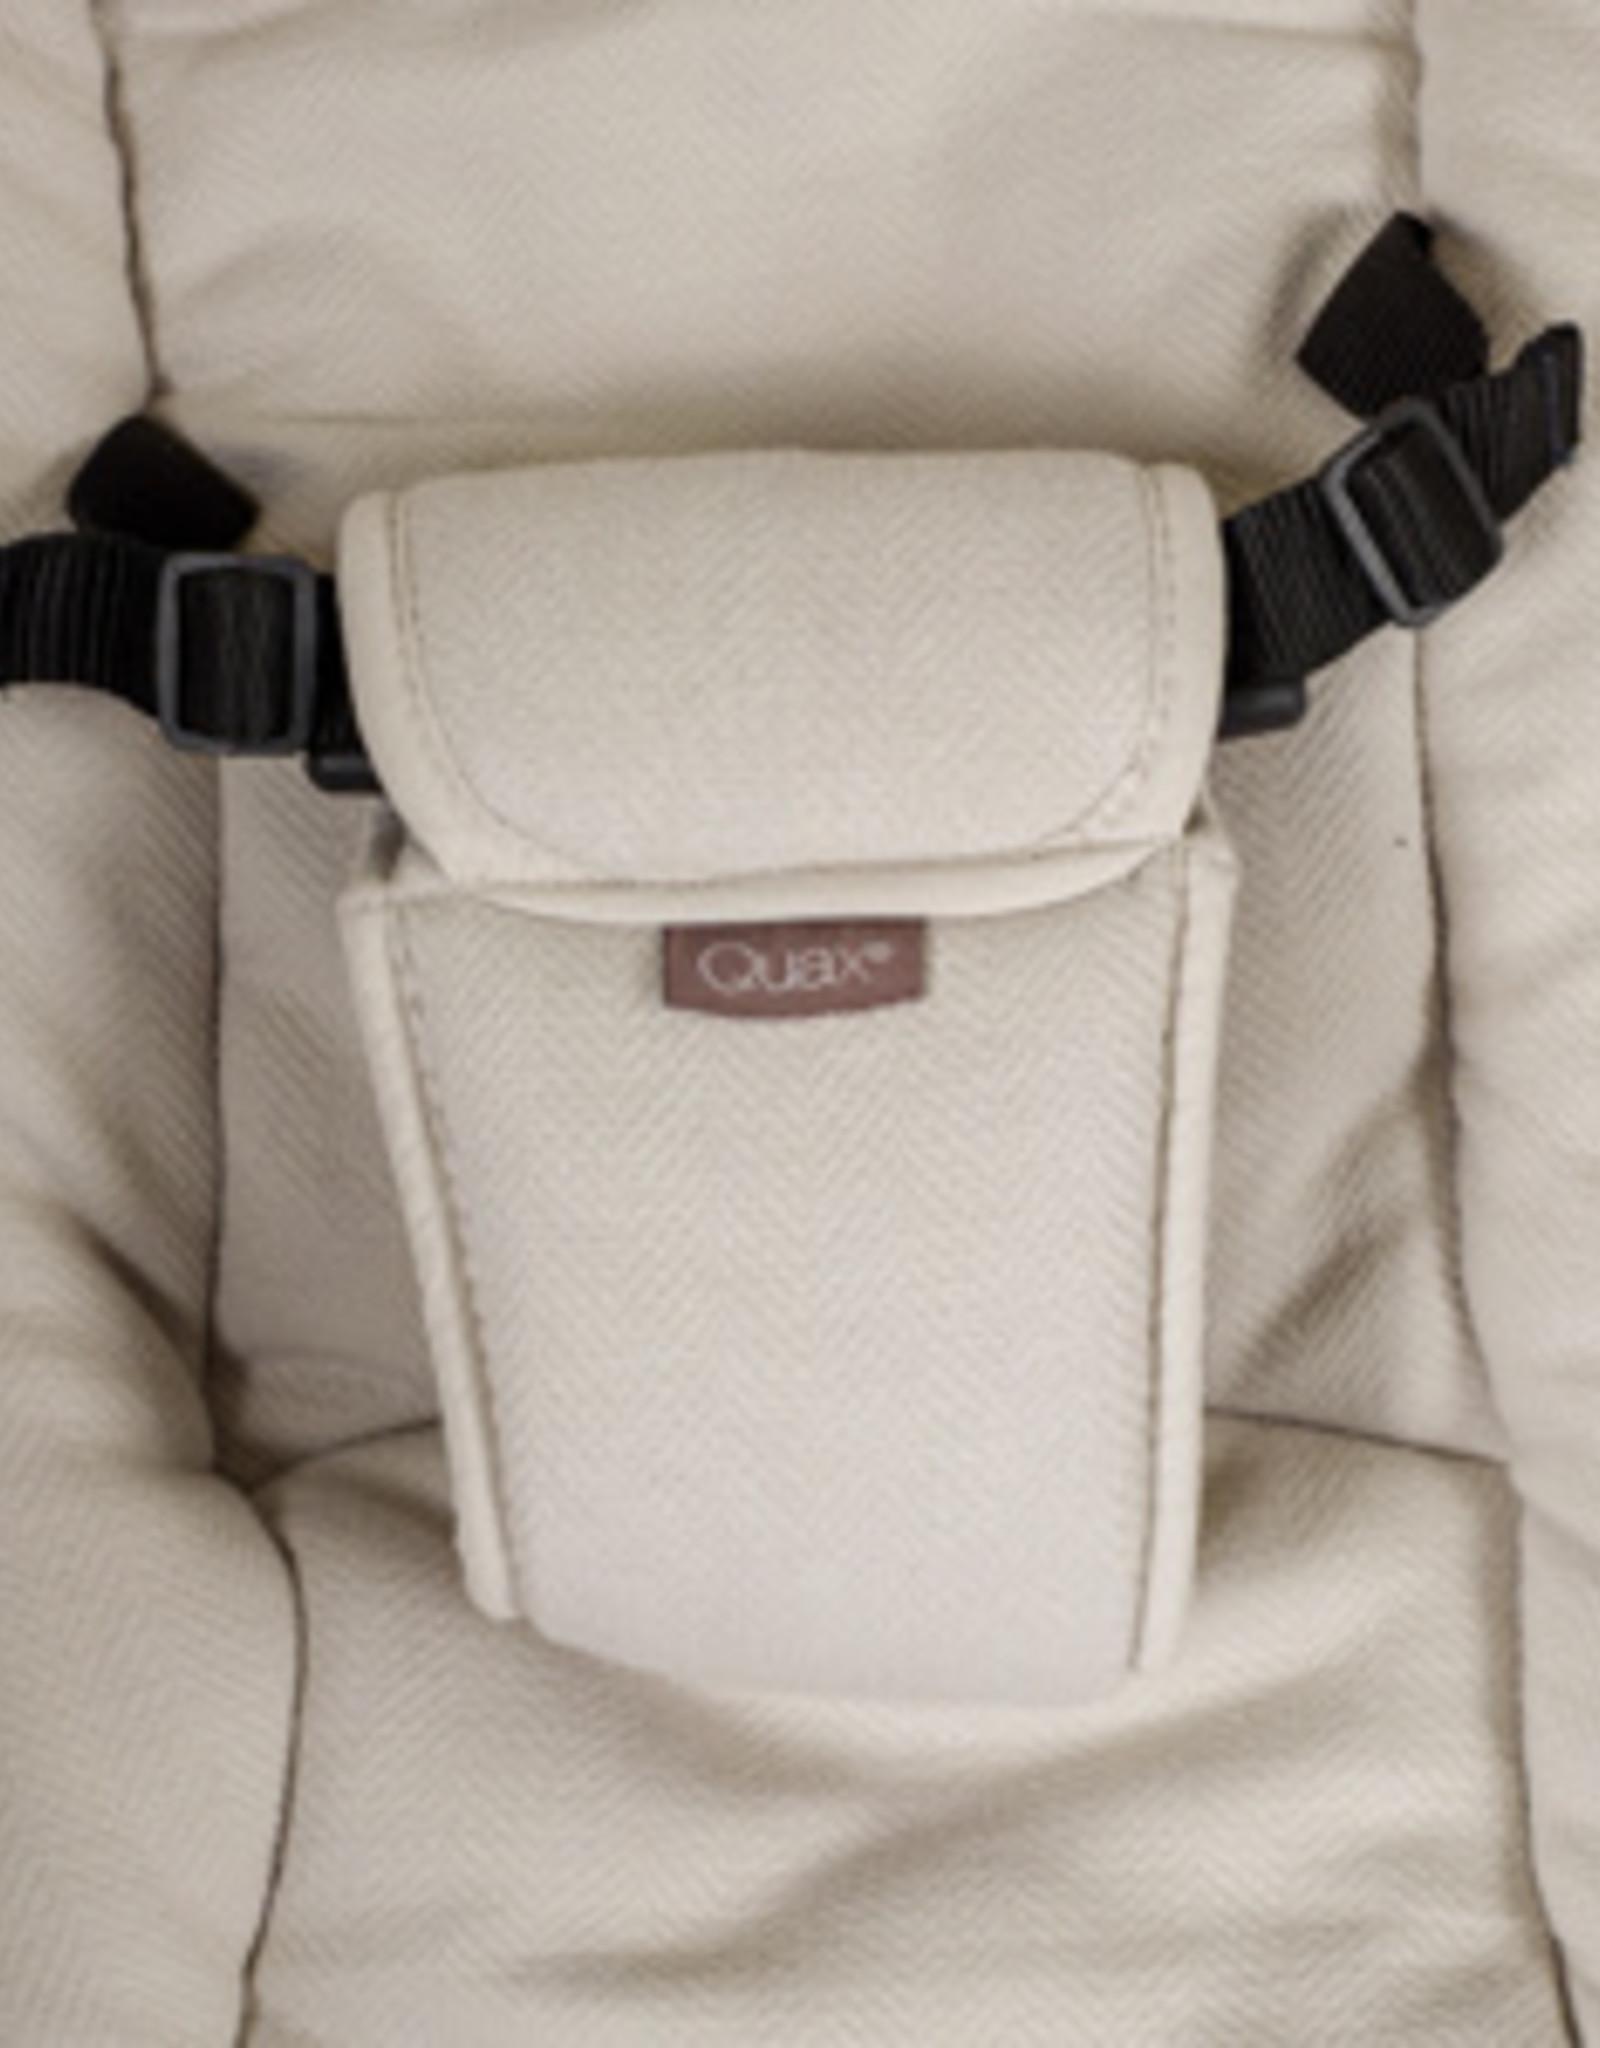 Quax Rocking Baby Transat - Grey